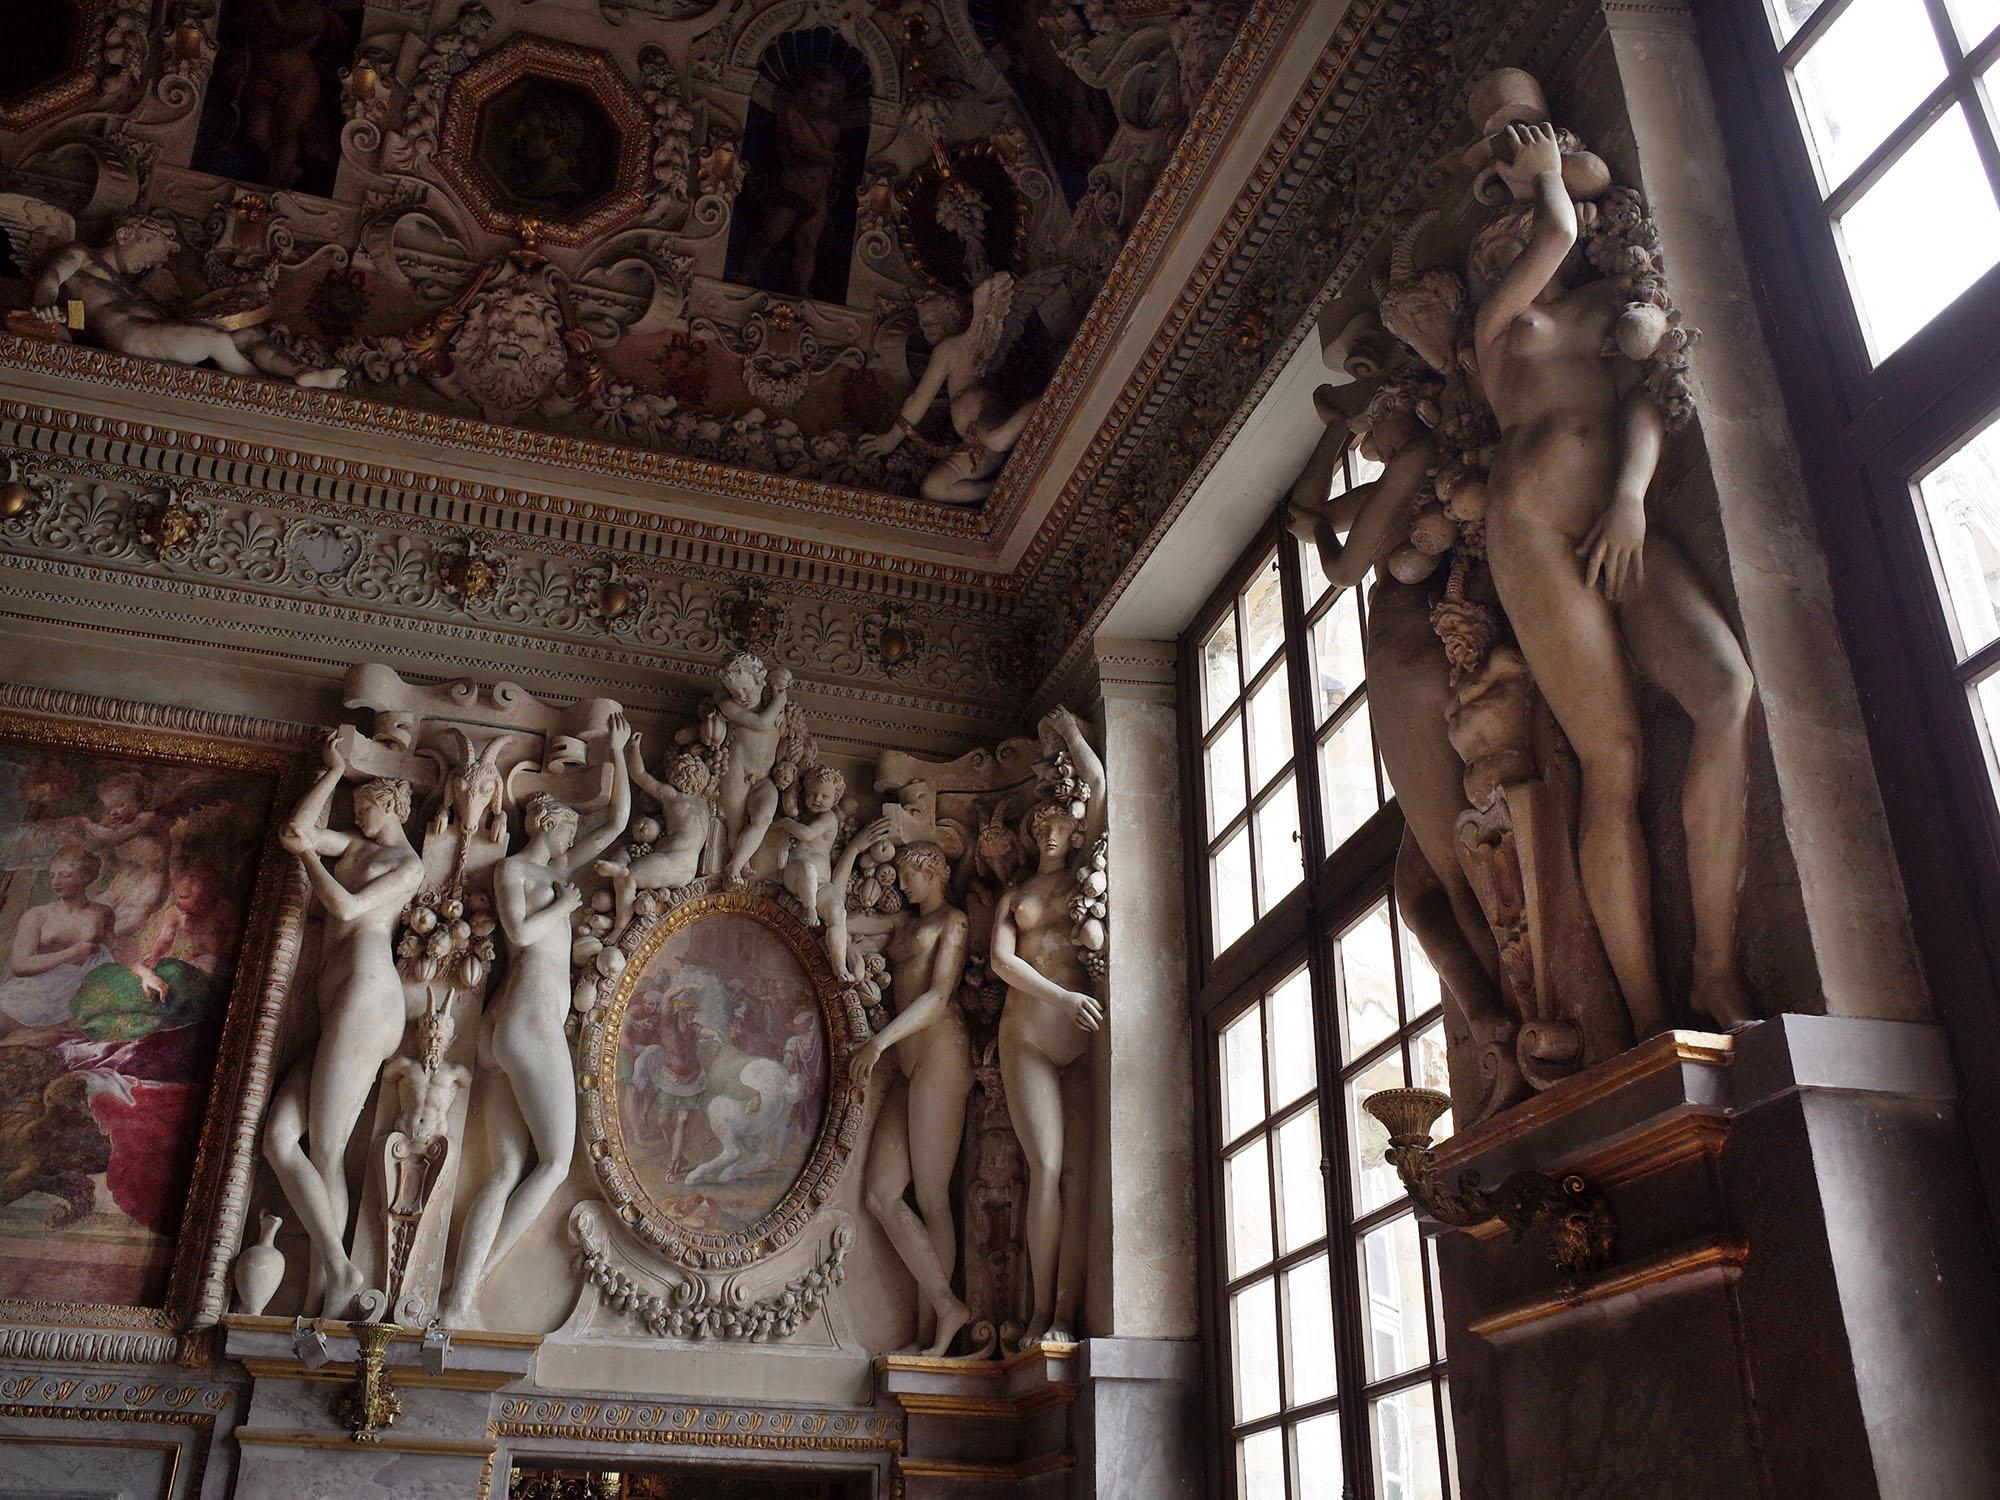 fontainebleau-escalier-2015